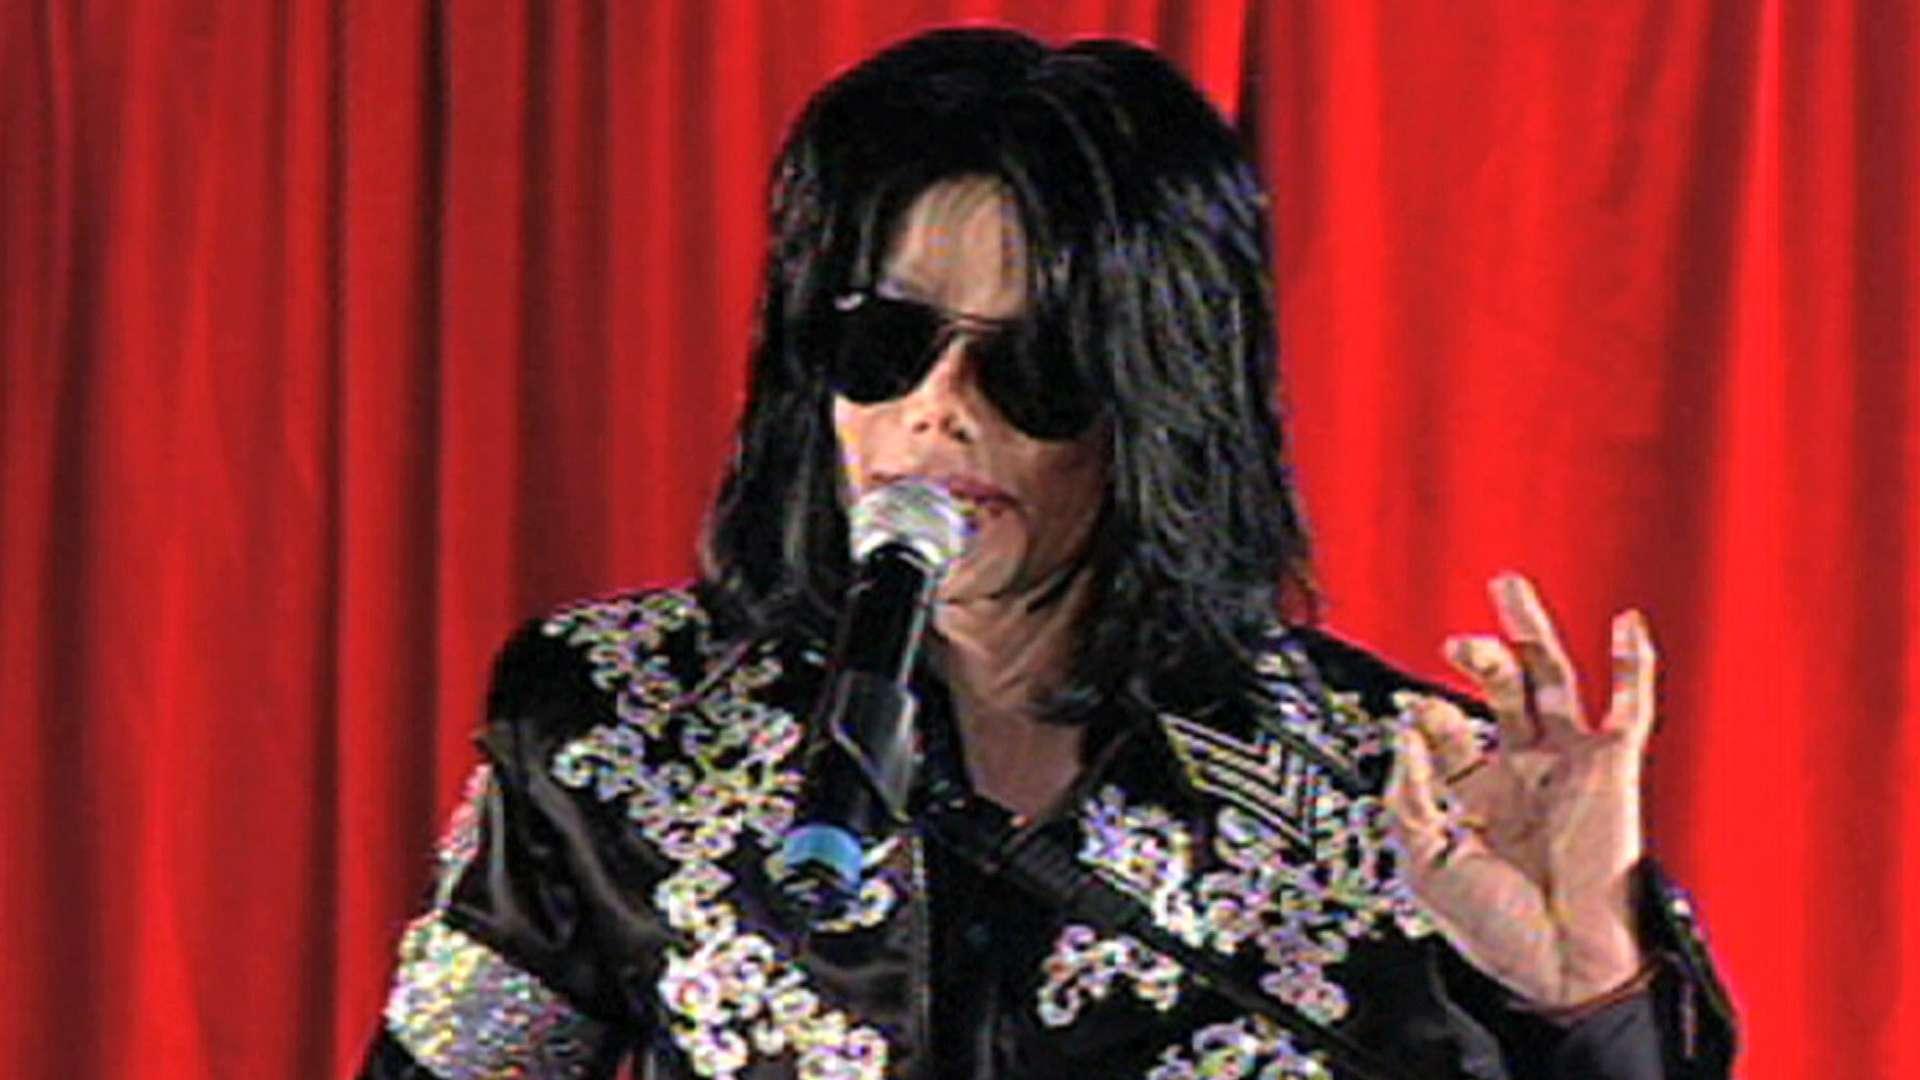 マイケル・ジャクソン:ポップ・プロフィール